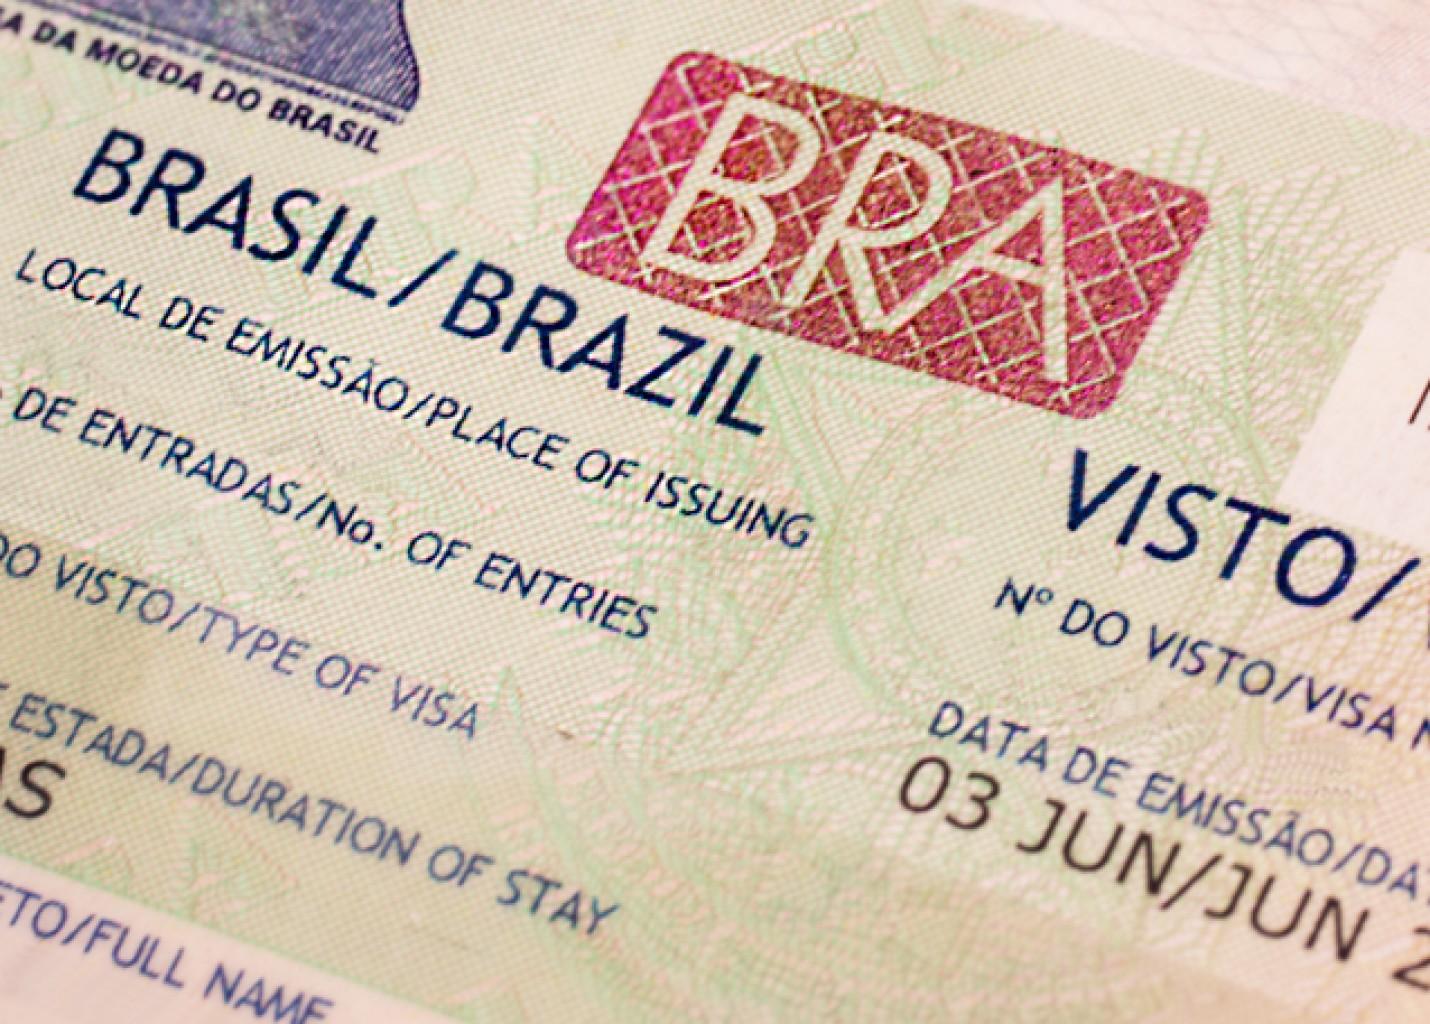 Governo dá sinal verde para isenção de visto para EUA e mais 3 países